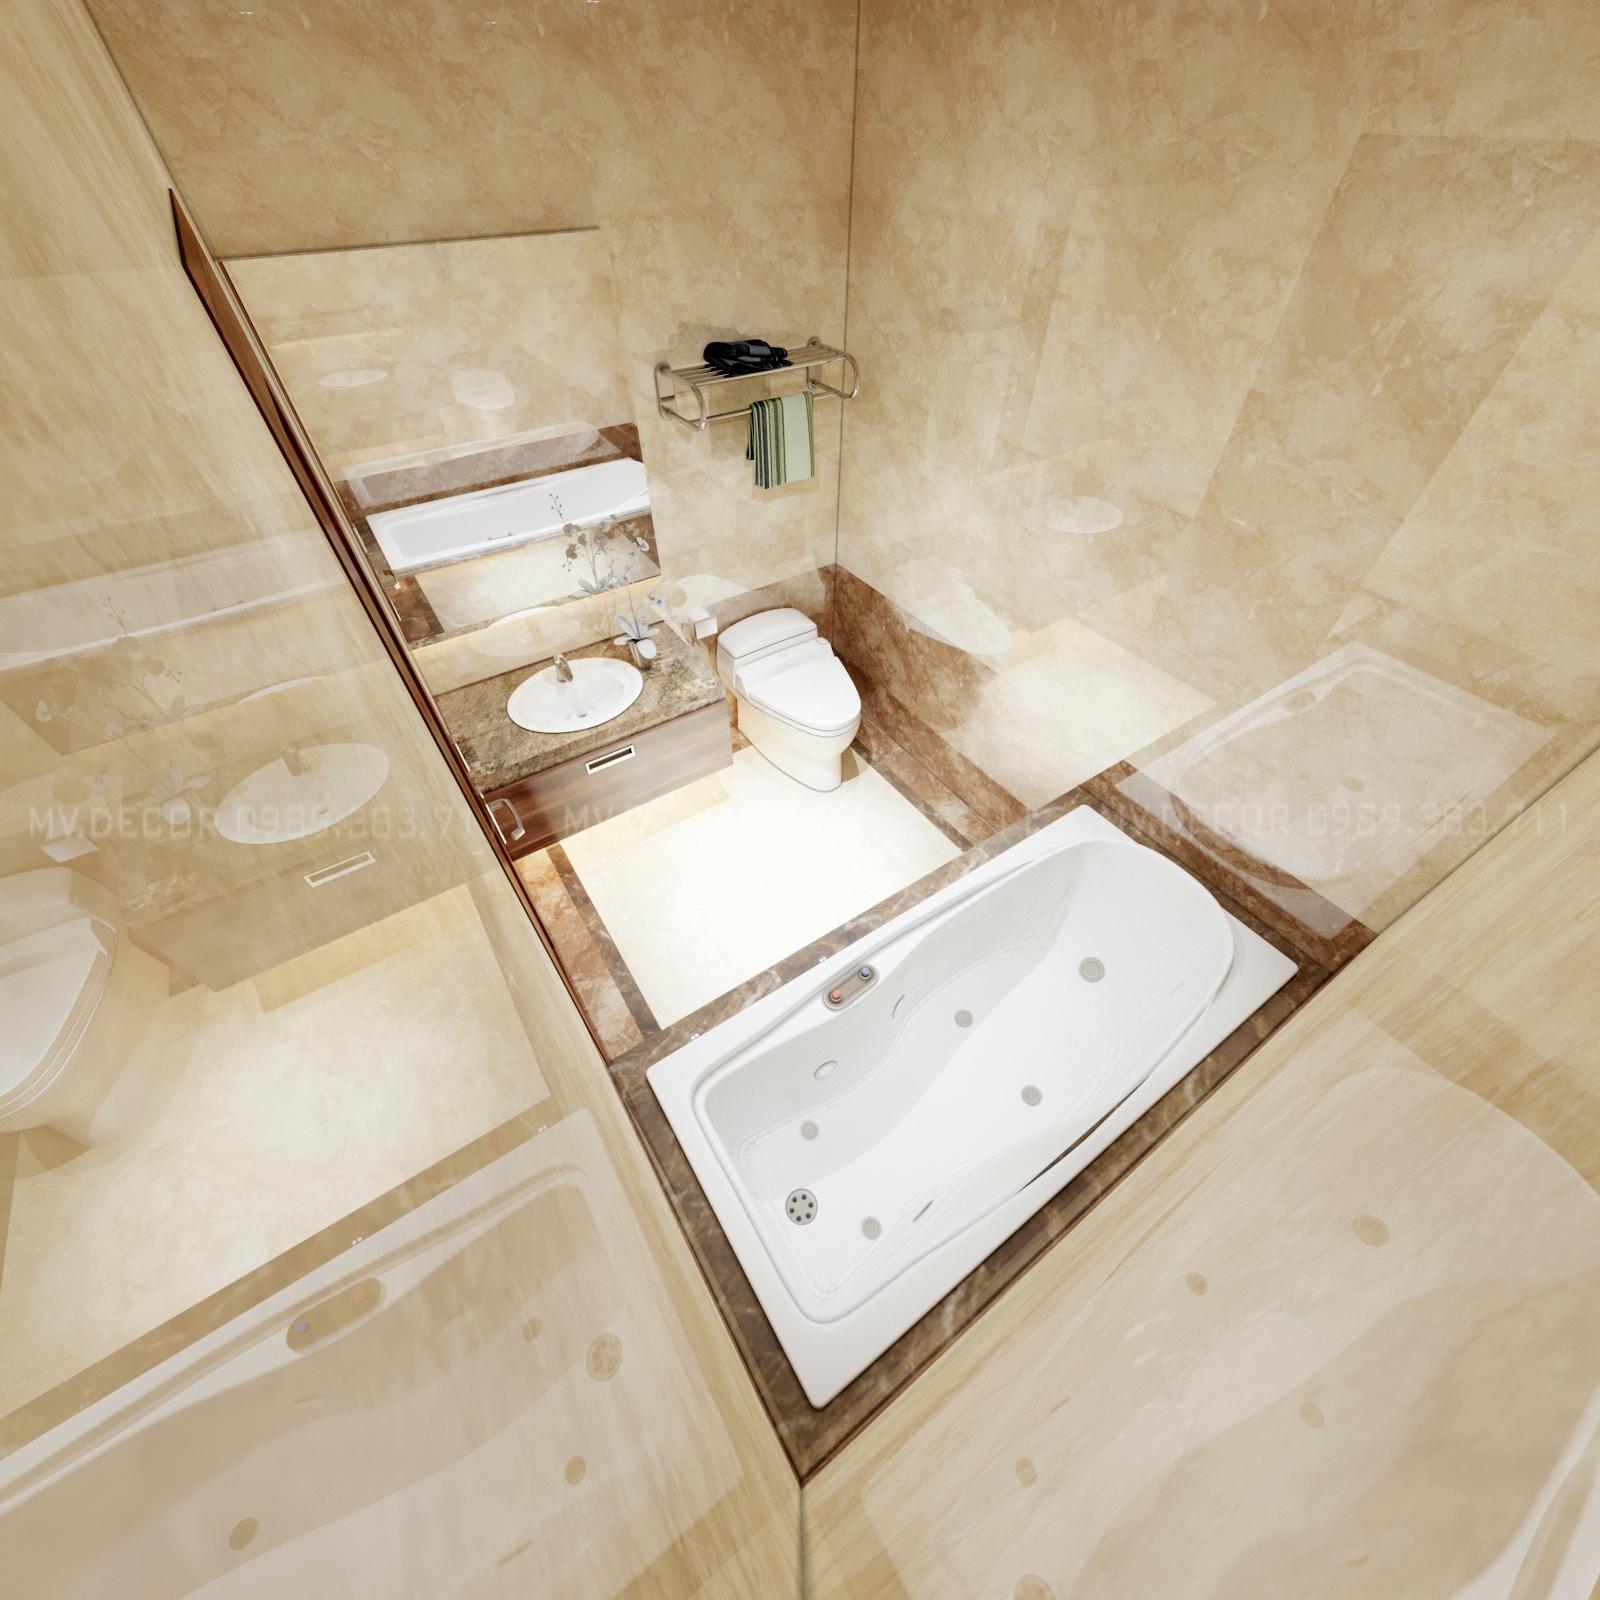 thiết kế nội thất Khách Sạn tại Hải Phòng căn hộ khách sạn cho thuê  14 1562943967